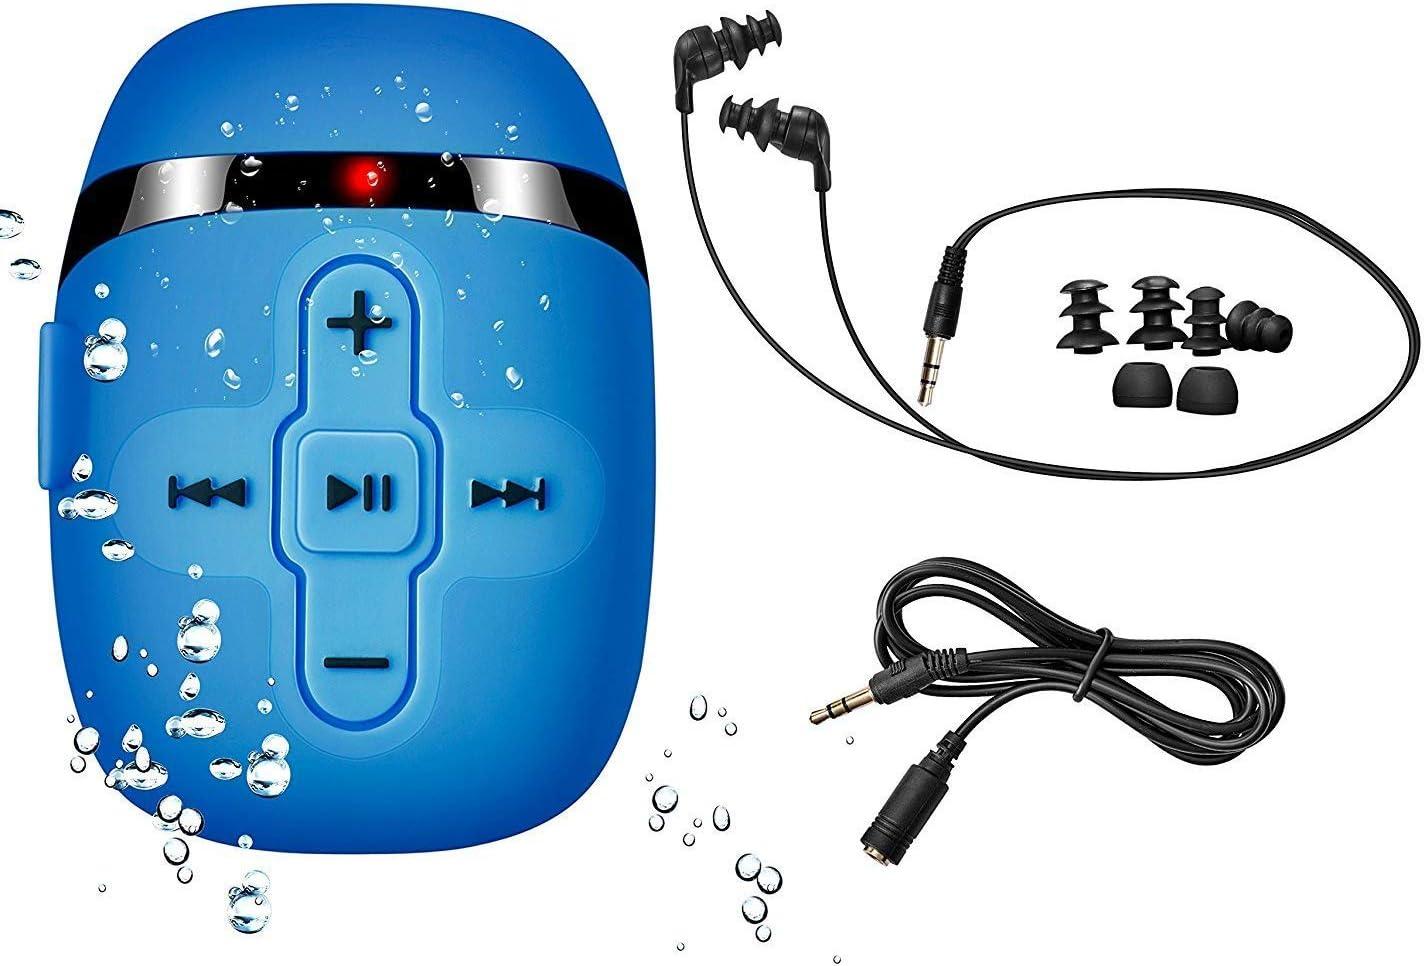 SEWOBYE 8GB de natación Reproductor de mp3 con Auriculares de Cable Corto (3 Tipo swimbuds), un Cable de extensión más de Audio para el Tipo de Deportes, Shuffle característica (Blue) (Light Blue)